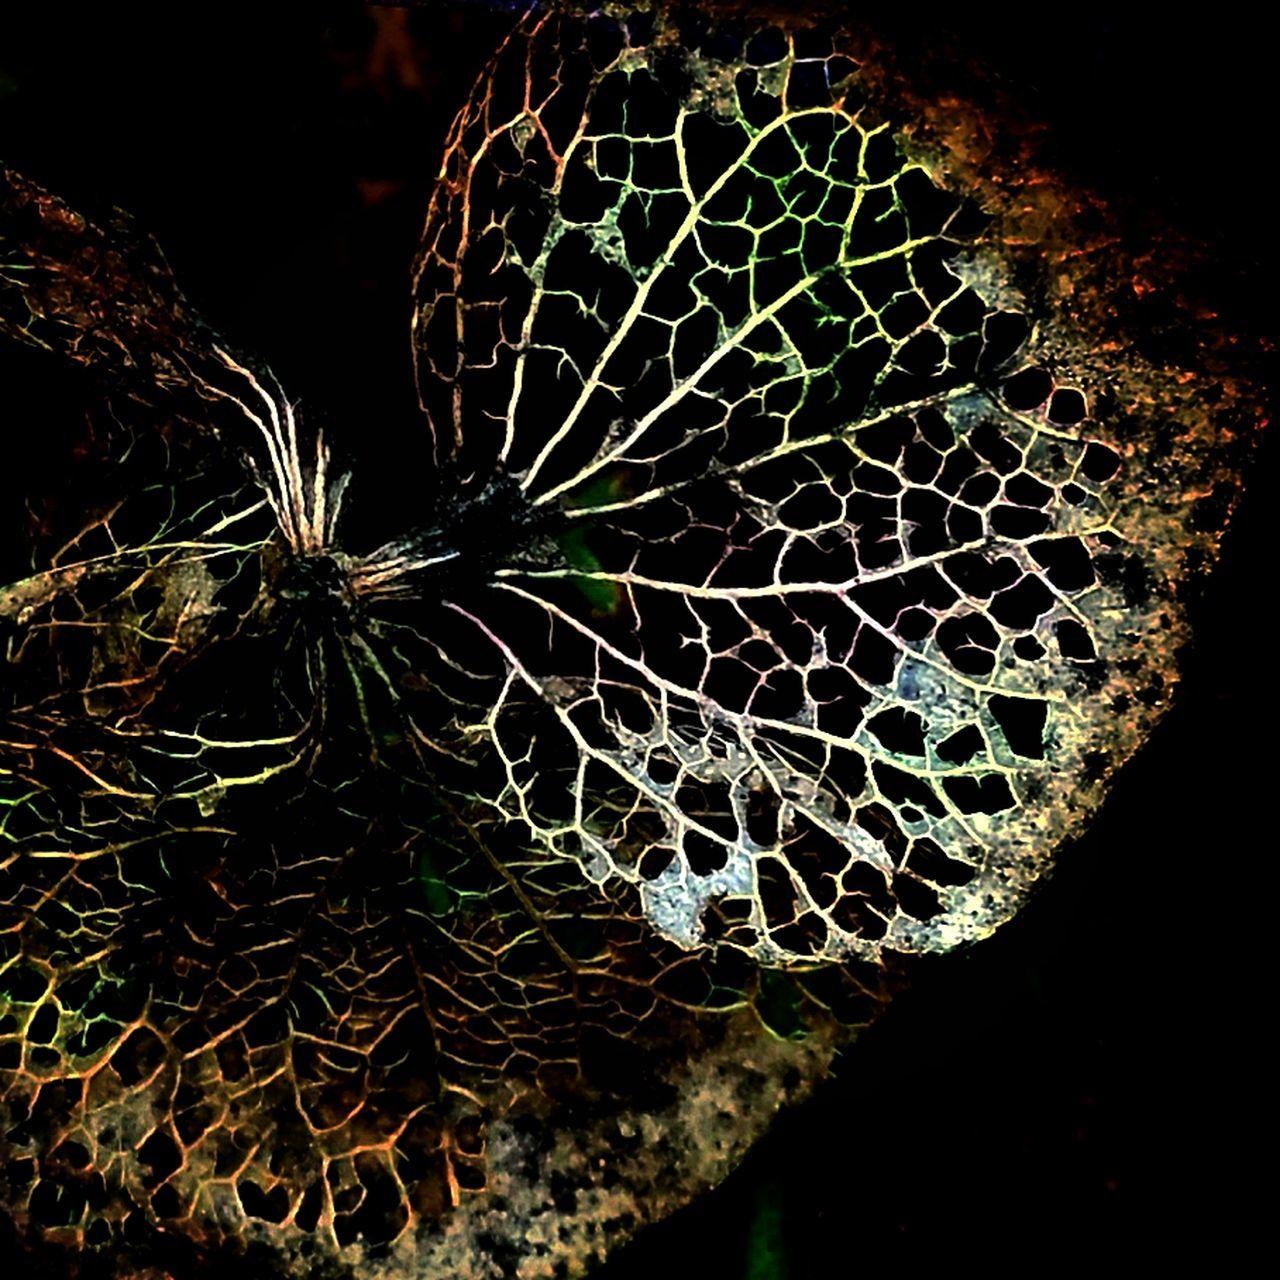 紫陽花Photo 紫陽花 あじさい 素枯れ紫陽花 加工 あじさい 紫陽花-hydrangea-